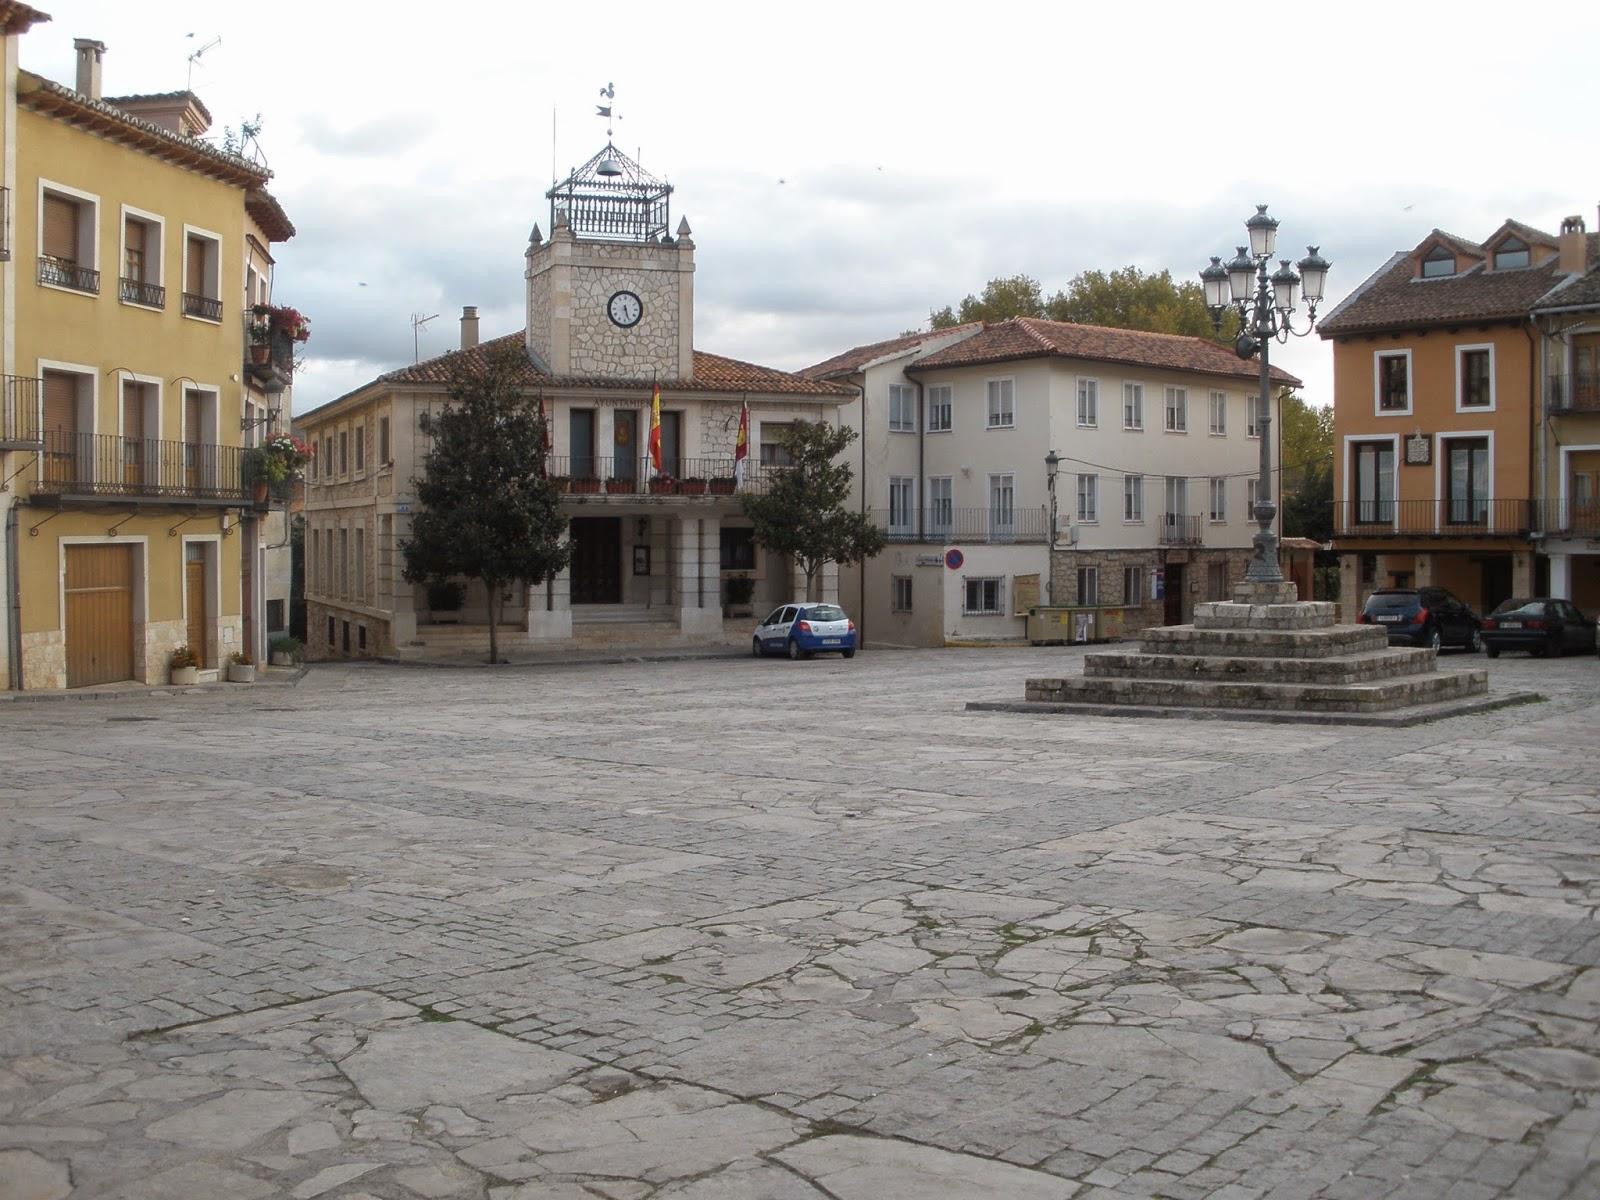 Plaza Mayor de Brihuega, cuadrada, con el ayuntamiento al fondo y rodeada de comercios de productos de la zona.